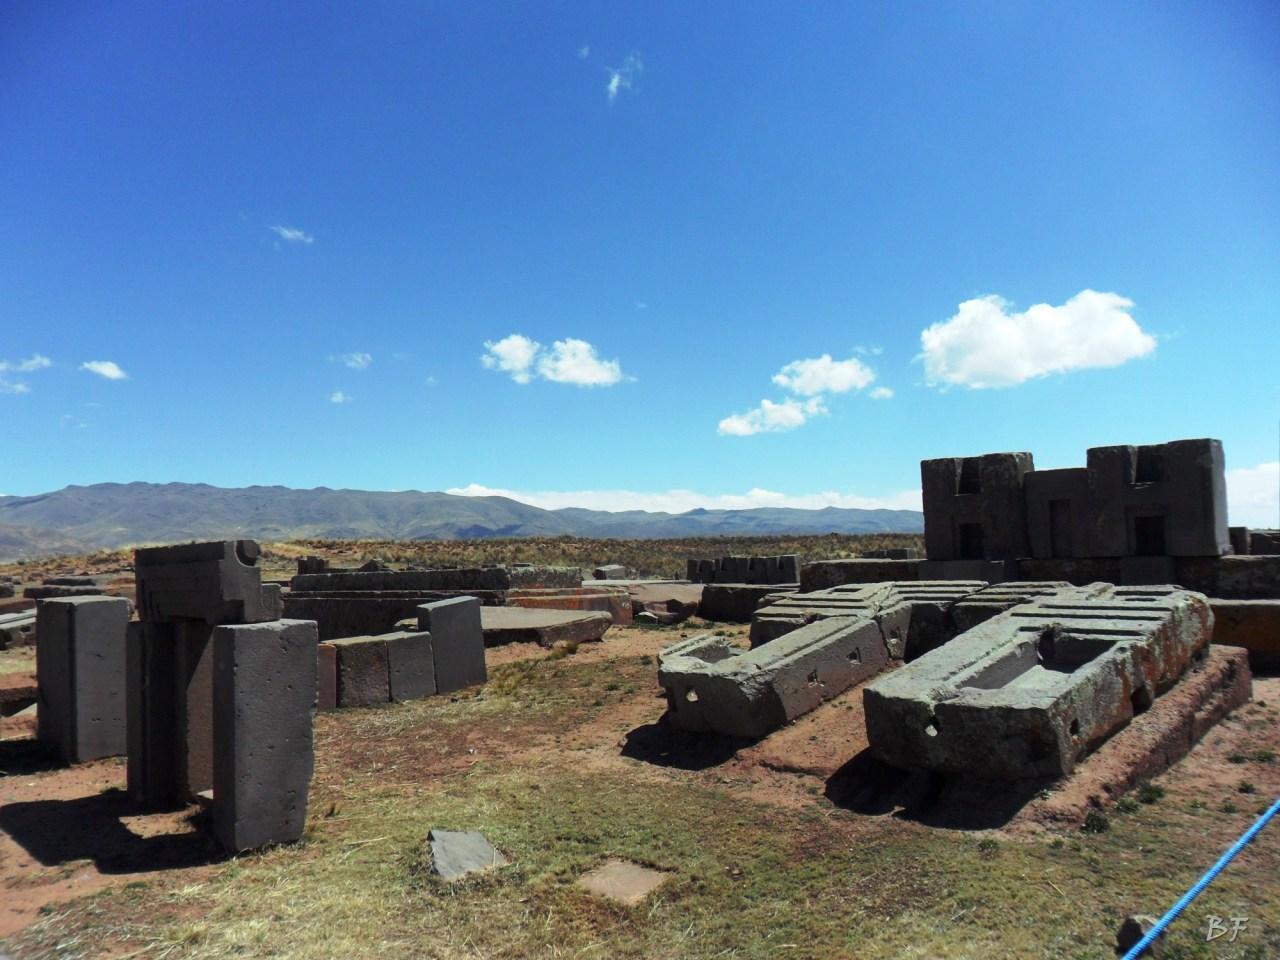 Puma-Punku-Area-Megalitica-Mura-Poligonali-Megaliti-Tiwanaku-Tiahuanaco-Bolivia-72